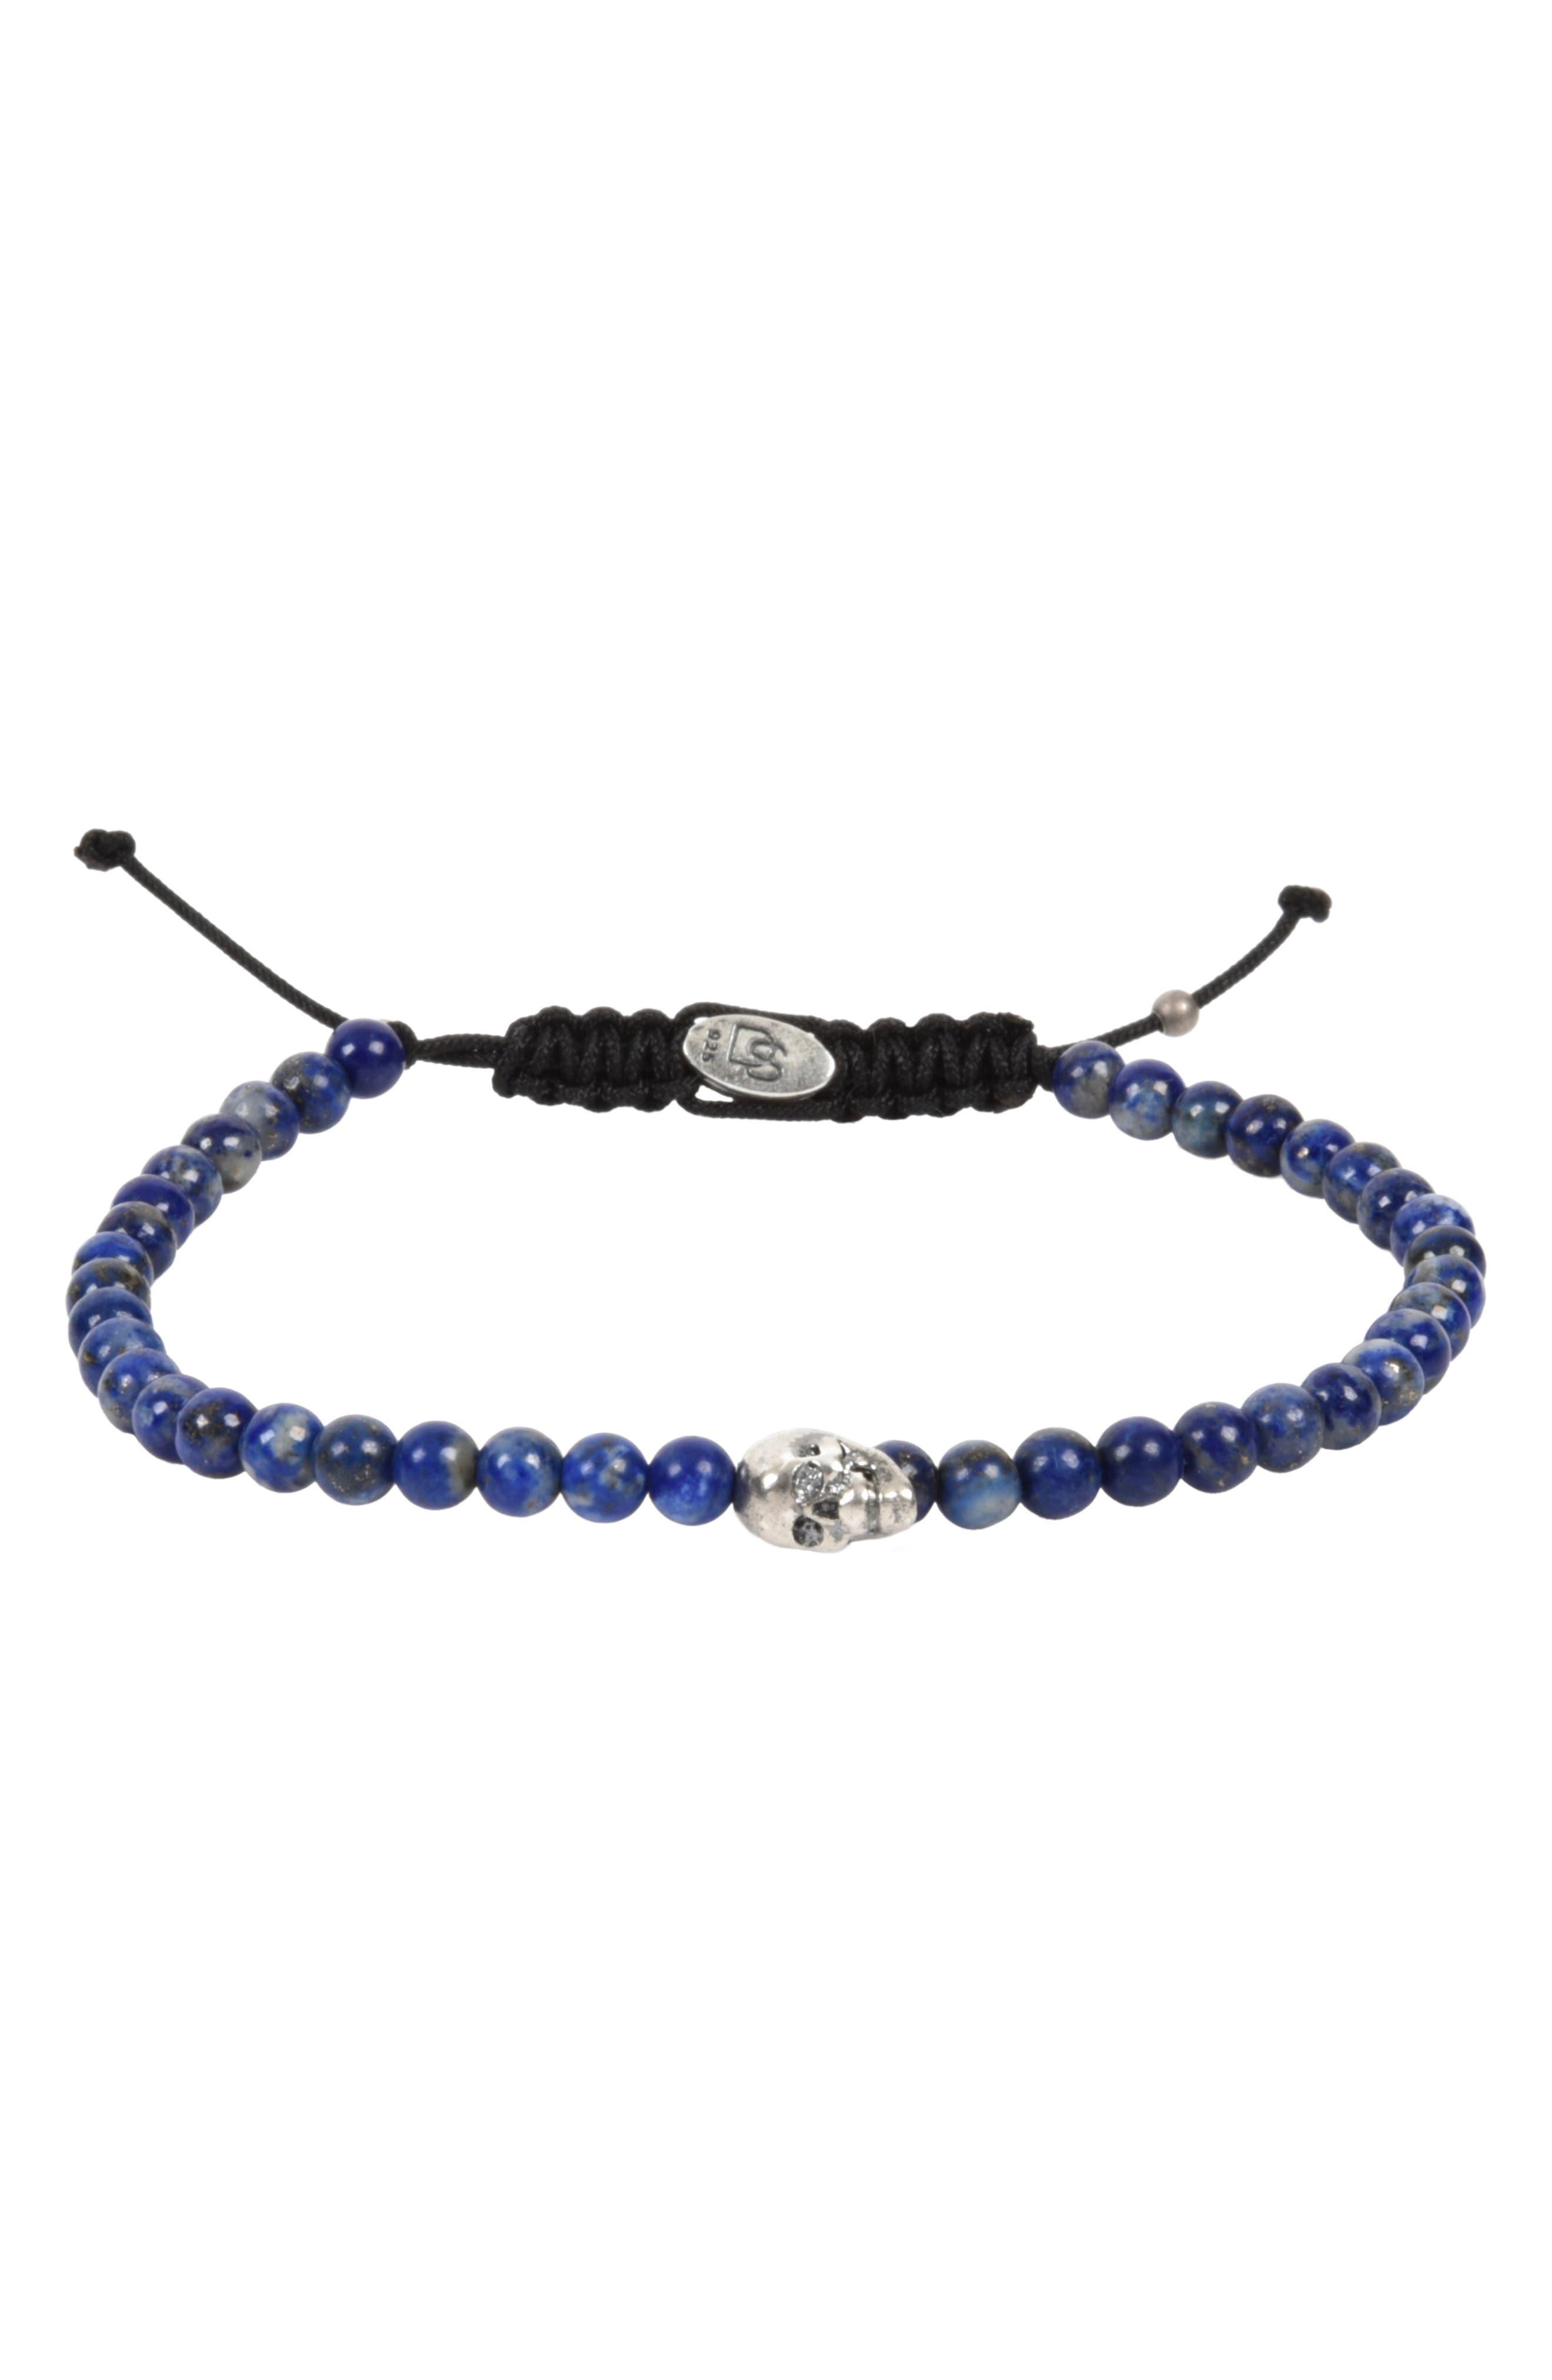 Stone Bead Skull Bracelet